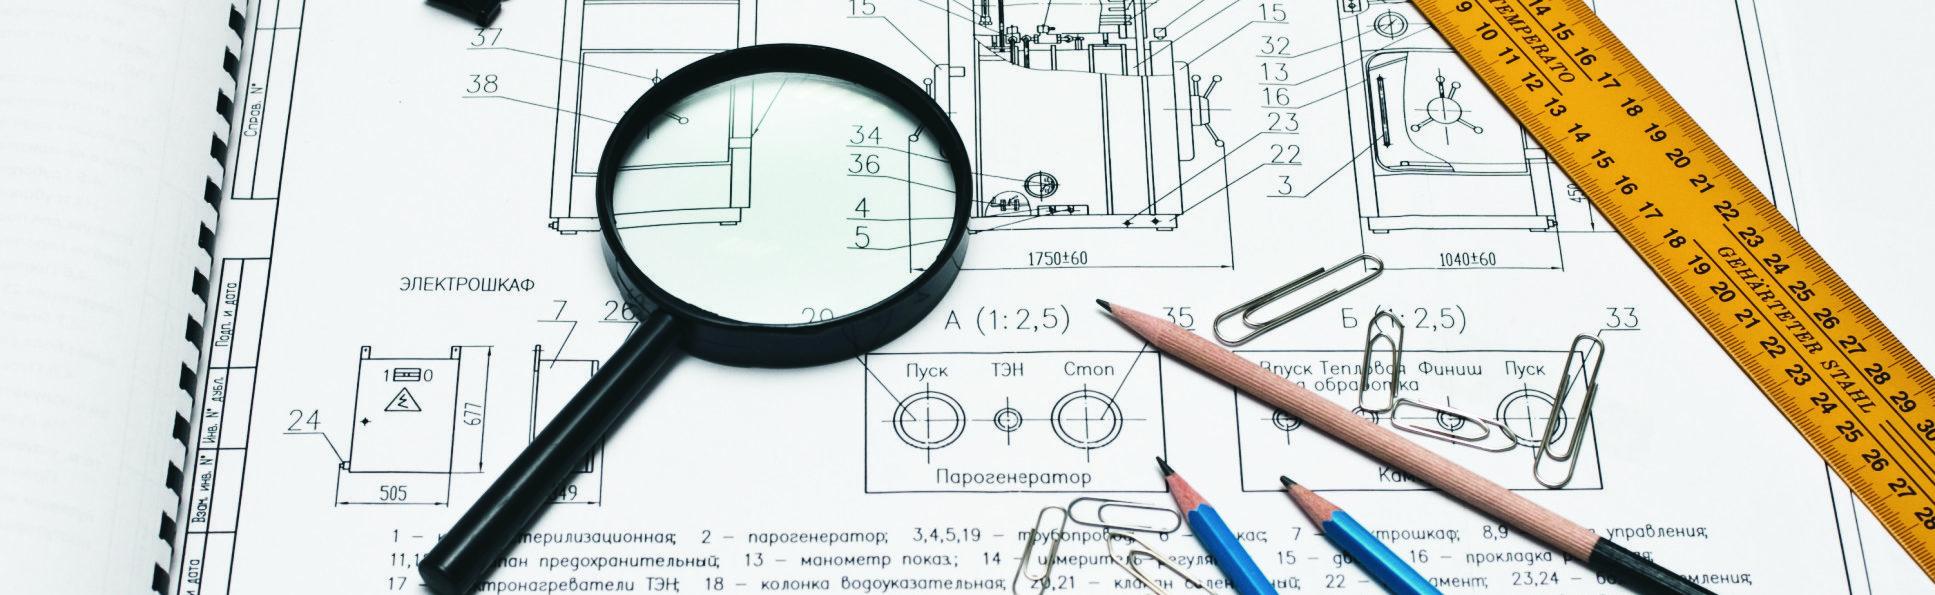 Анализ строительной деятельности на соответствие документации